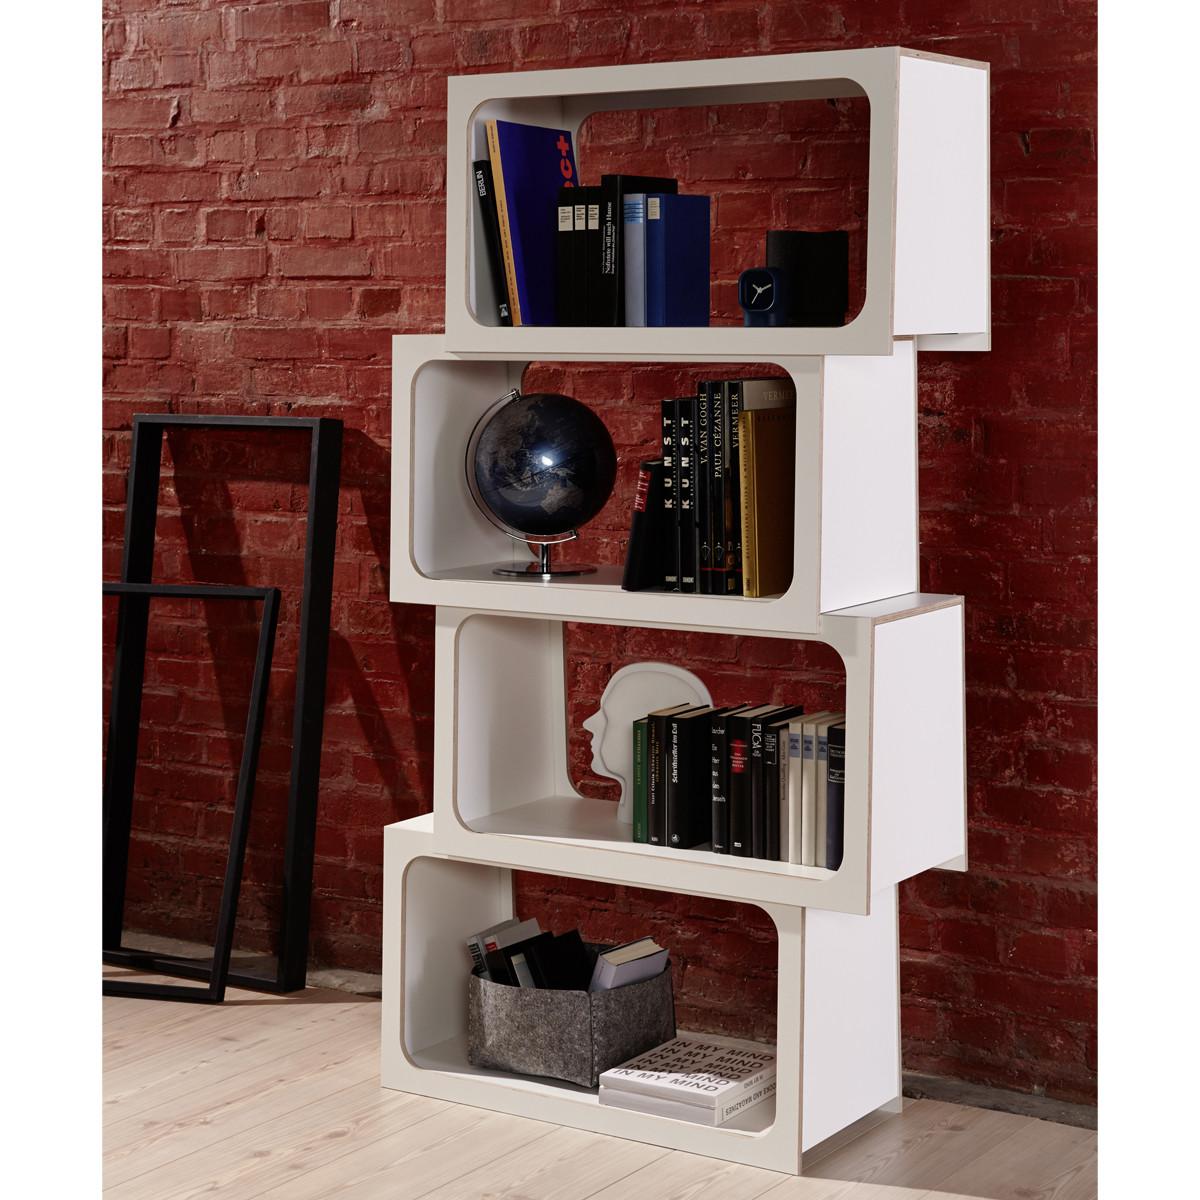 m ller m belwerkst tten boxit stapelbares regalsystem. Black Bedroom Furniture Sets. Home Design Ideas